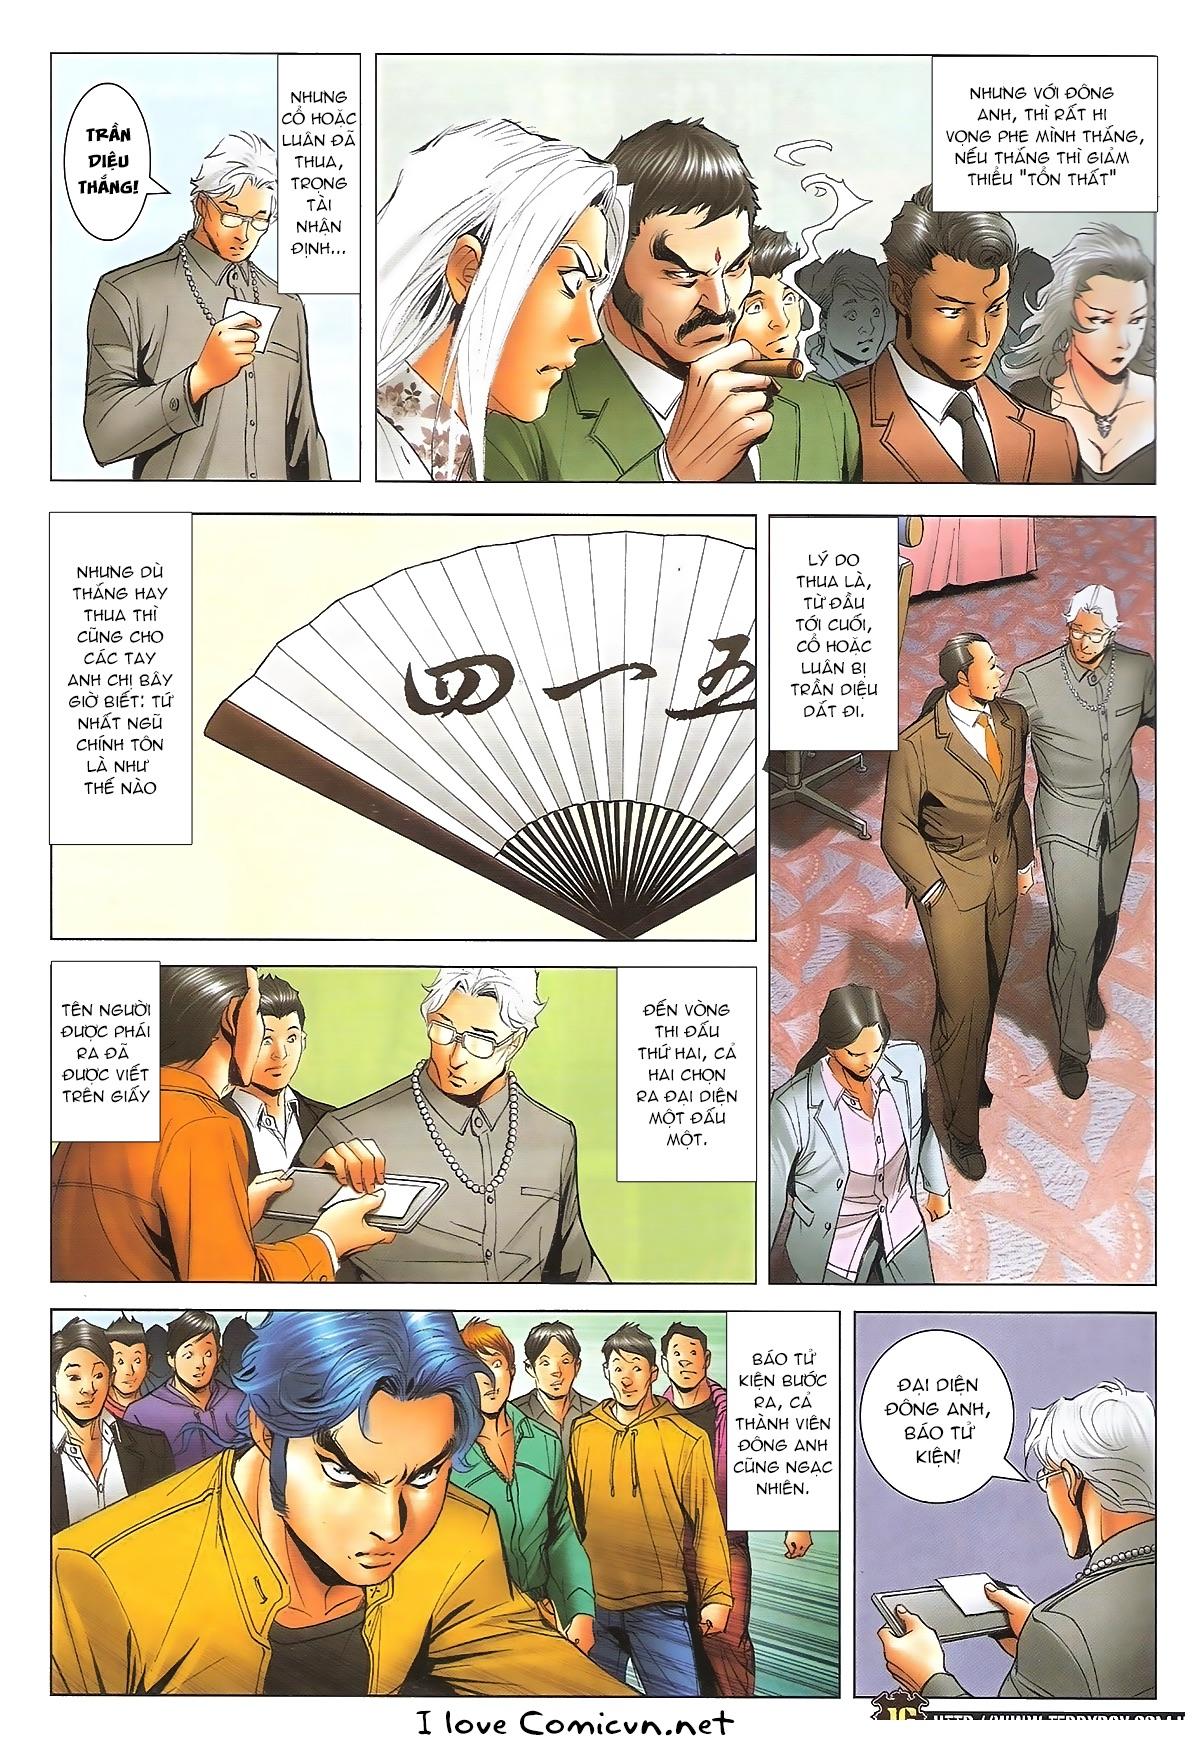 Người Trong Giang Hồ - Ngũ Hổ qui thiên - Chapter 1716: Đàm phán siêu cấp 2 - Pic 14